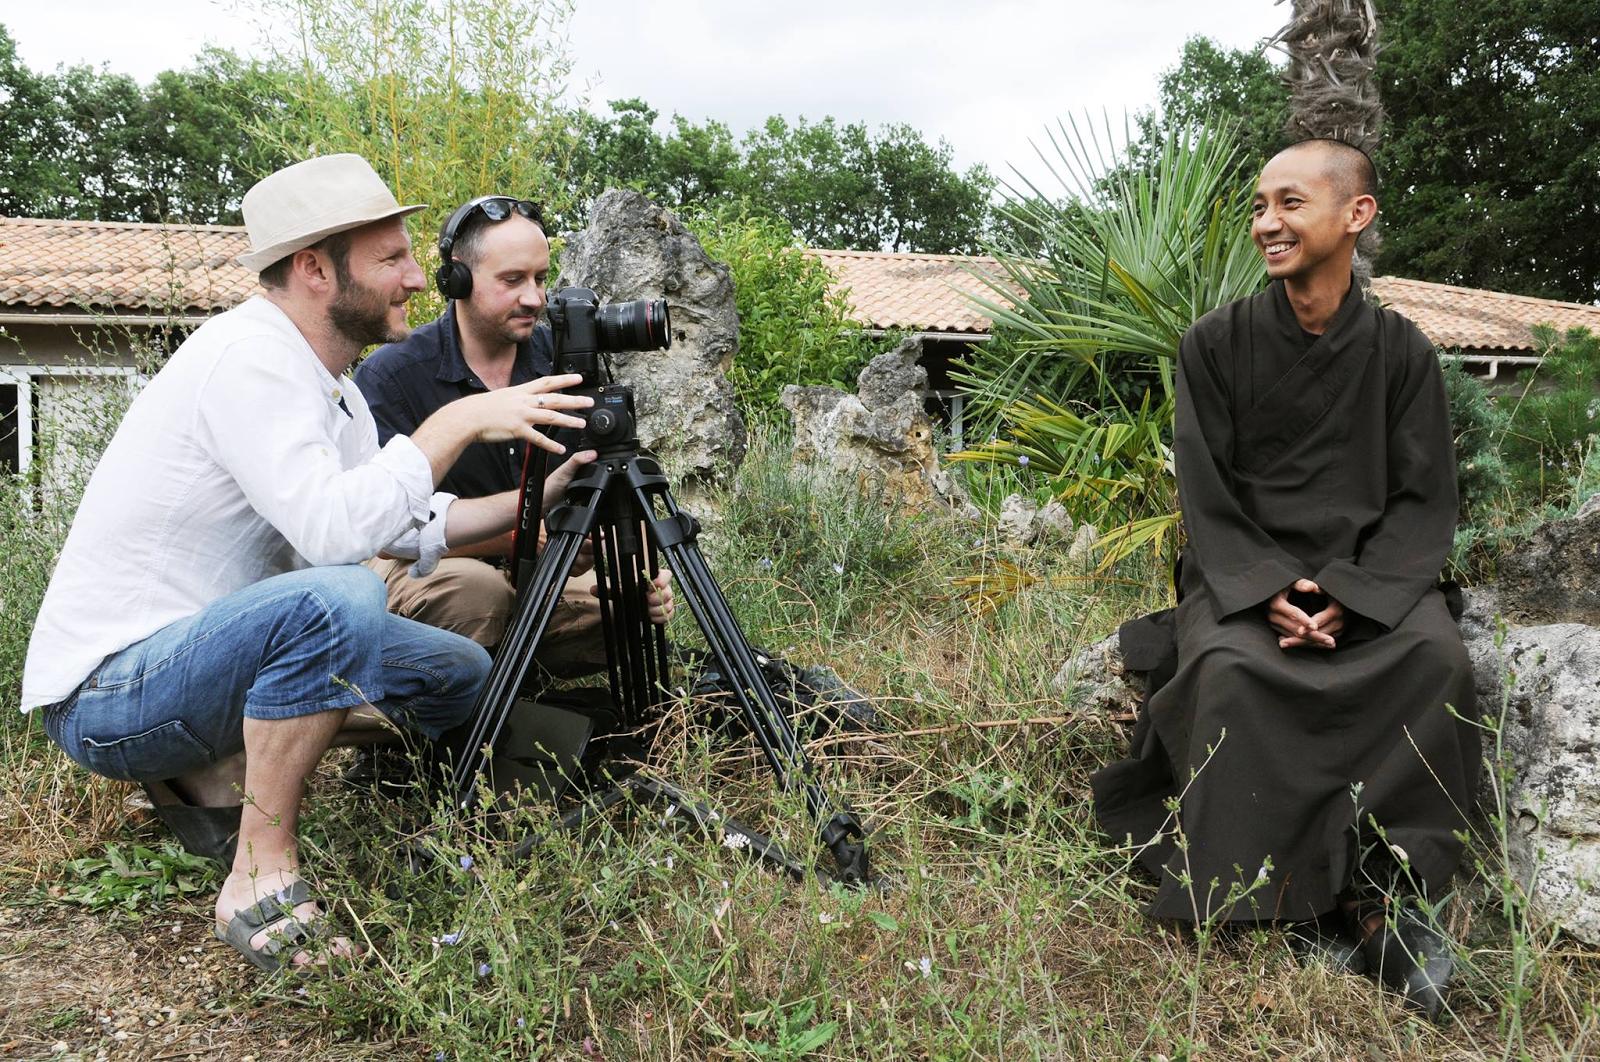 Mỹ công chiếu phim tài liệu về thiền sư Nhất Hạnh - Ảnh 8.